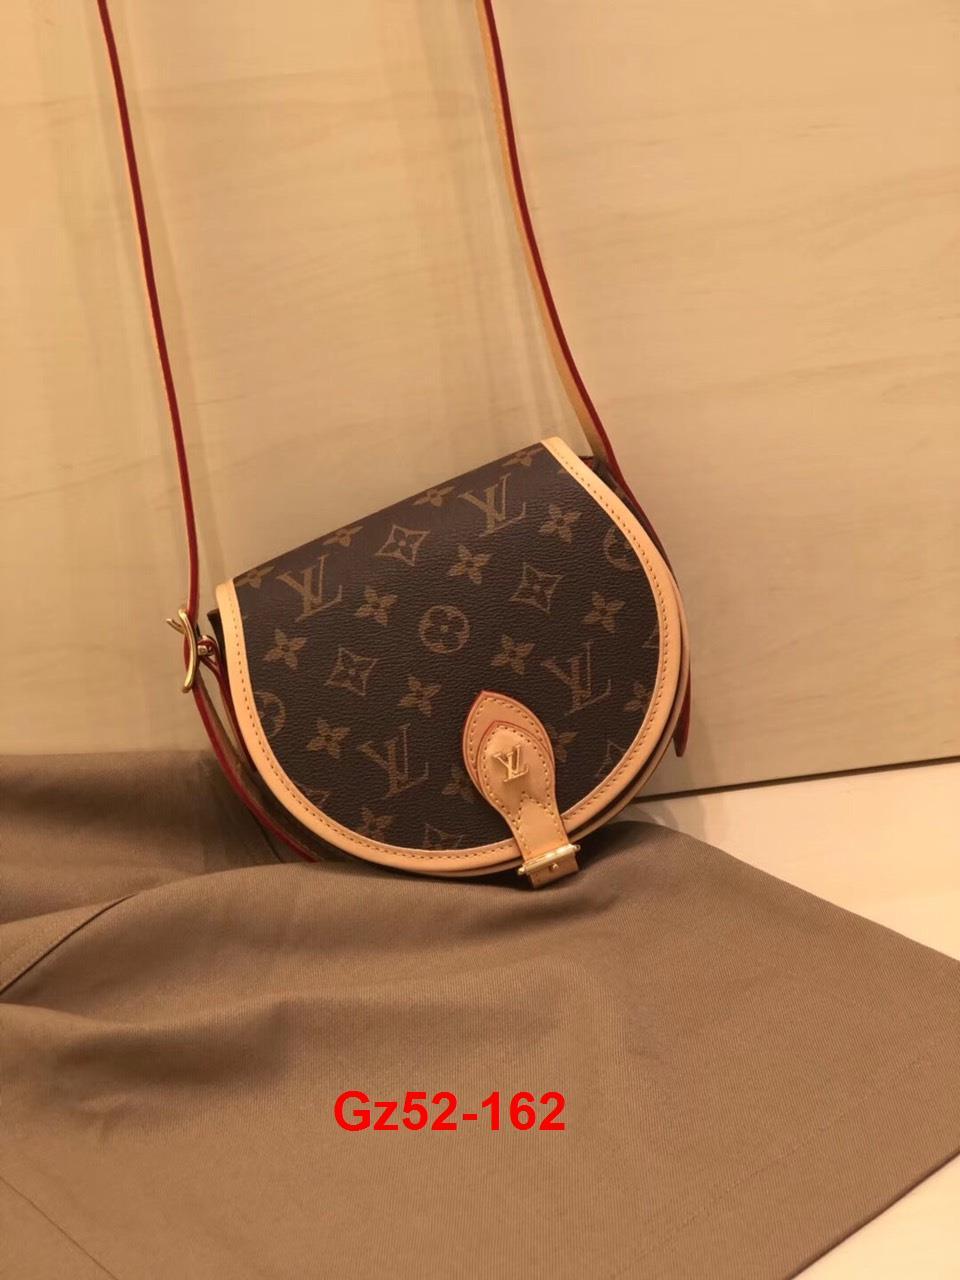 Gz52-162 Louis Vuitton túi size 18cm siêu cấp